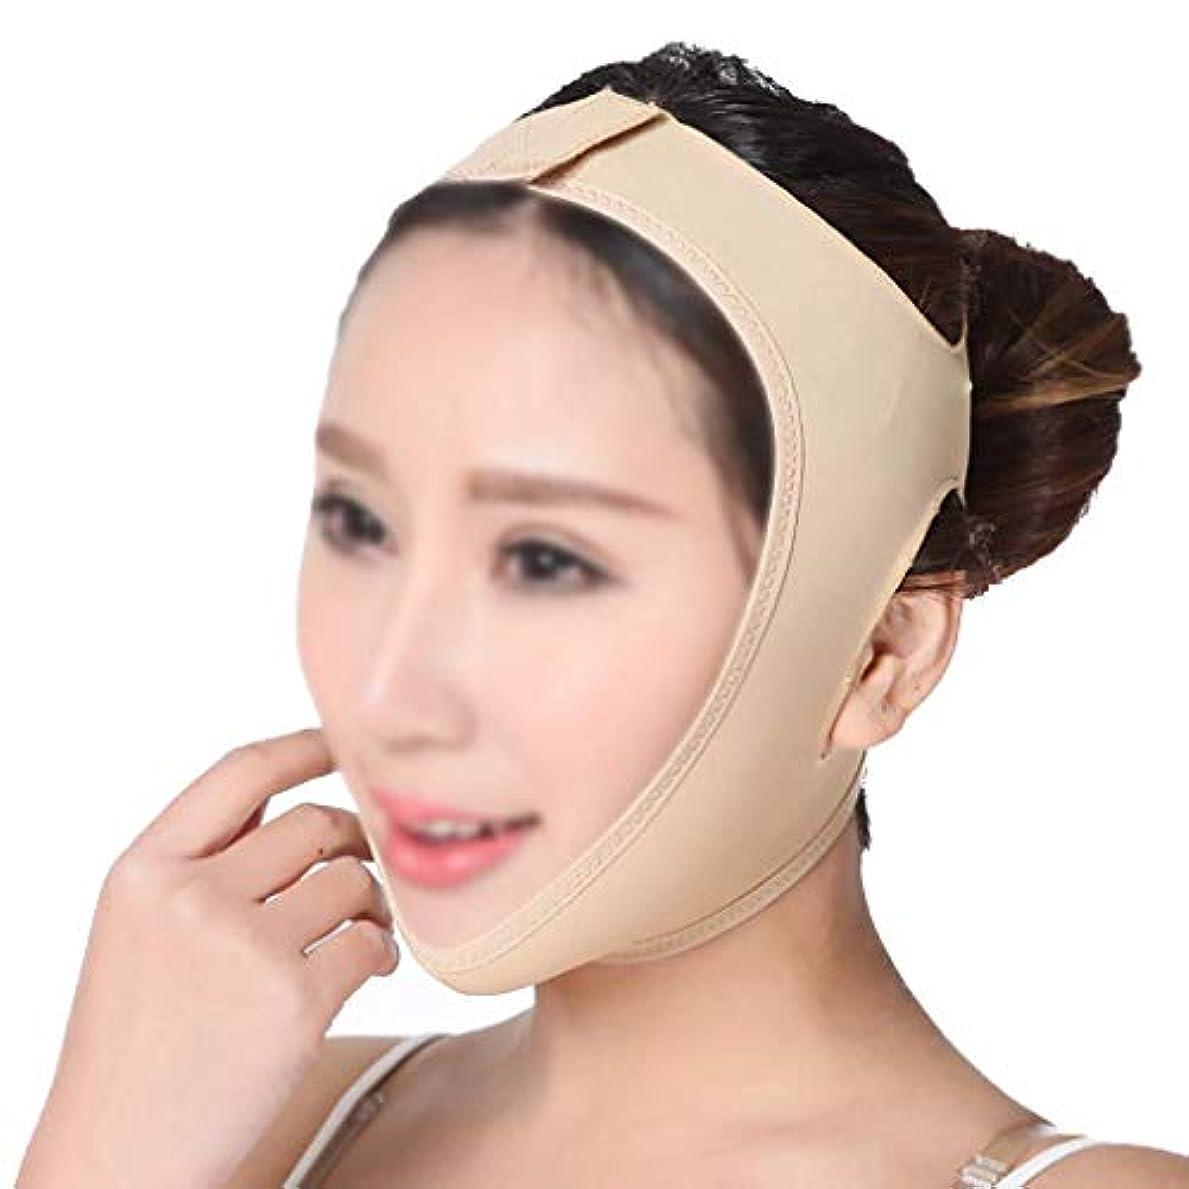 付けるスラダム猛烈なフェイスリフティングマスク、リフティングチン、フェイシャルスキン、頬垂れ防止、快適で 生地、詰まることを拒否、着用が簡単(サイズ:M),S